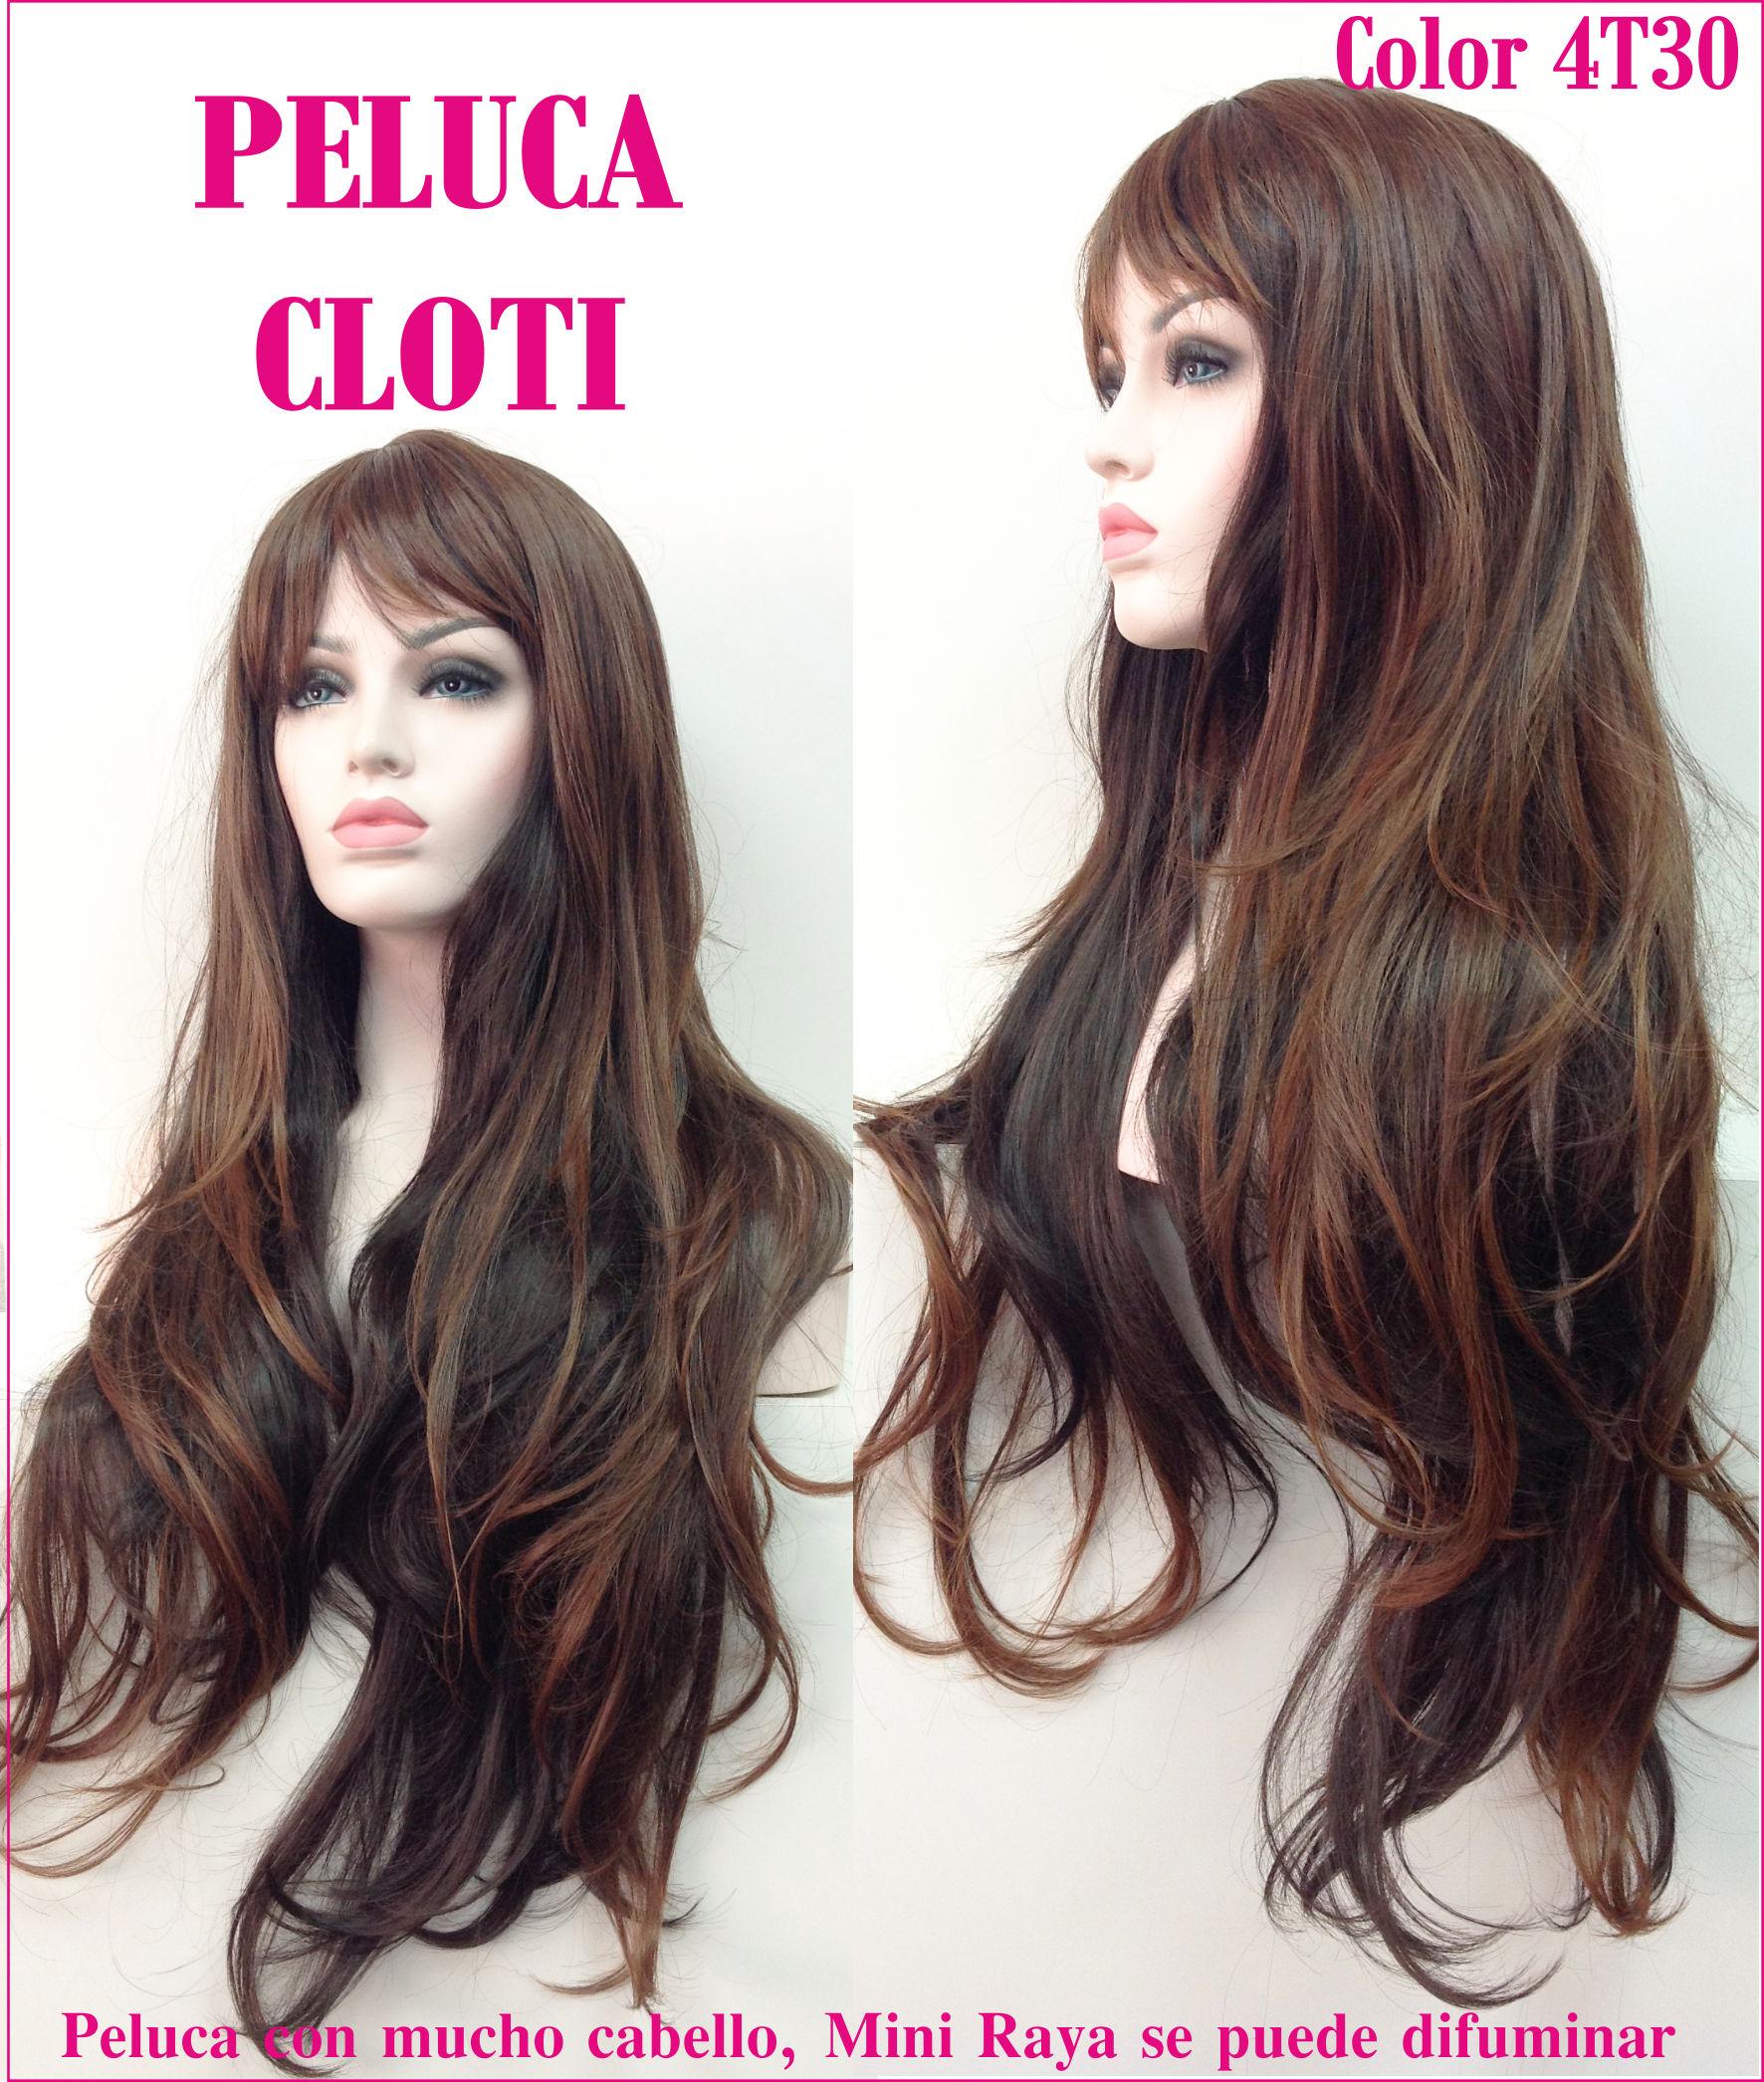 completo en especificaciones amplia selección de colores calidad confiable peluca de pelo natural larga ondulada